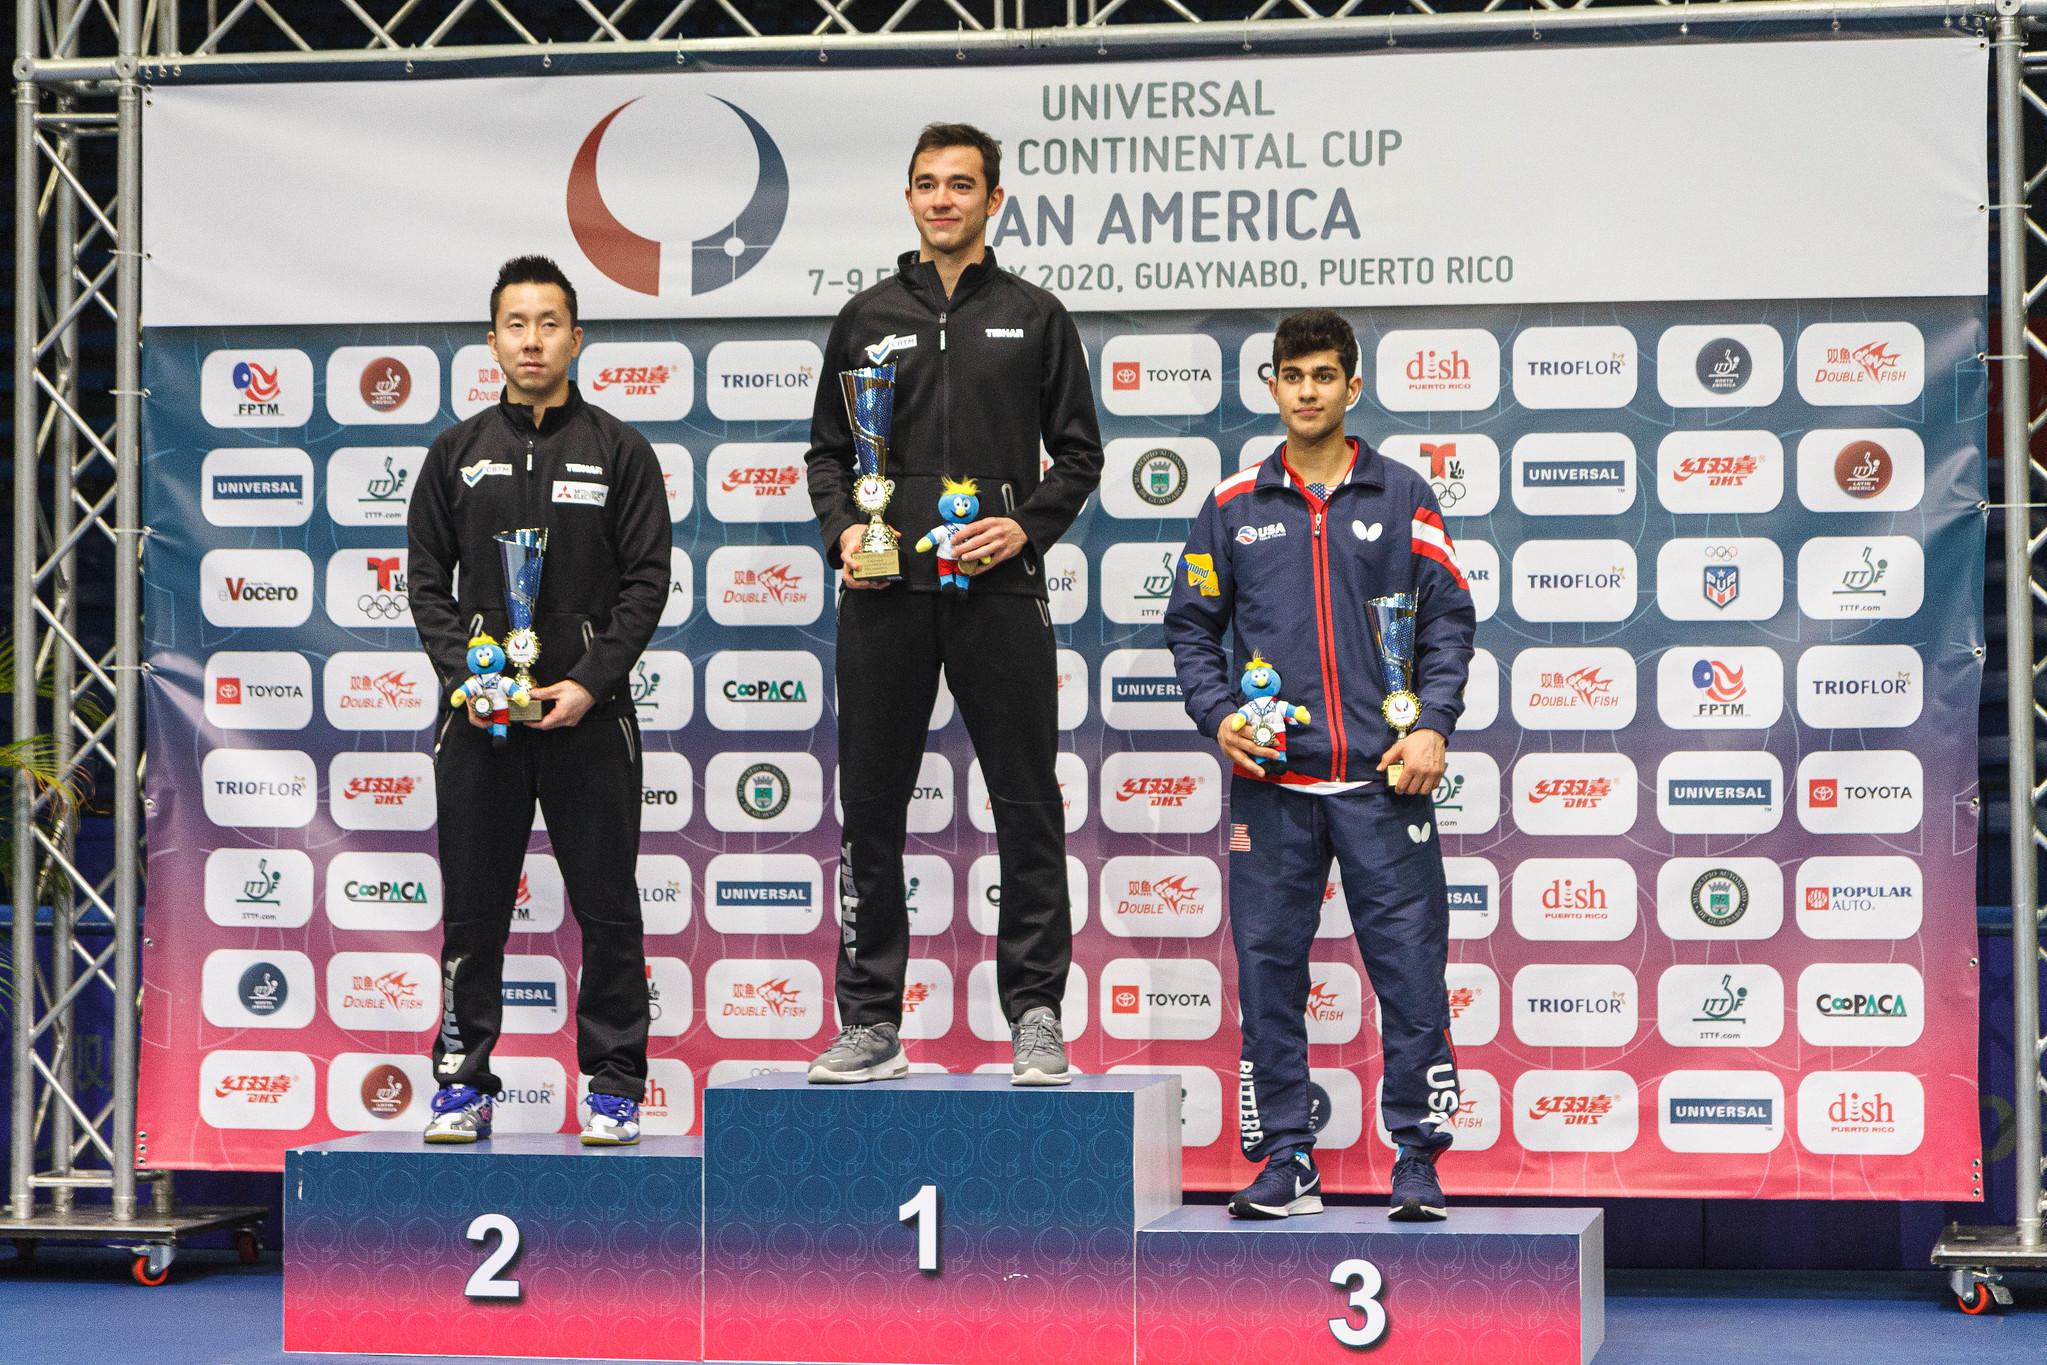 Hugo Calderano levou o tri da Copa Pan-Americana em fevereiro (Crédito: Divulgação/ITTF)